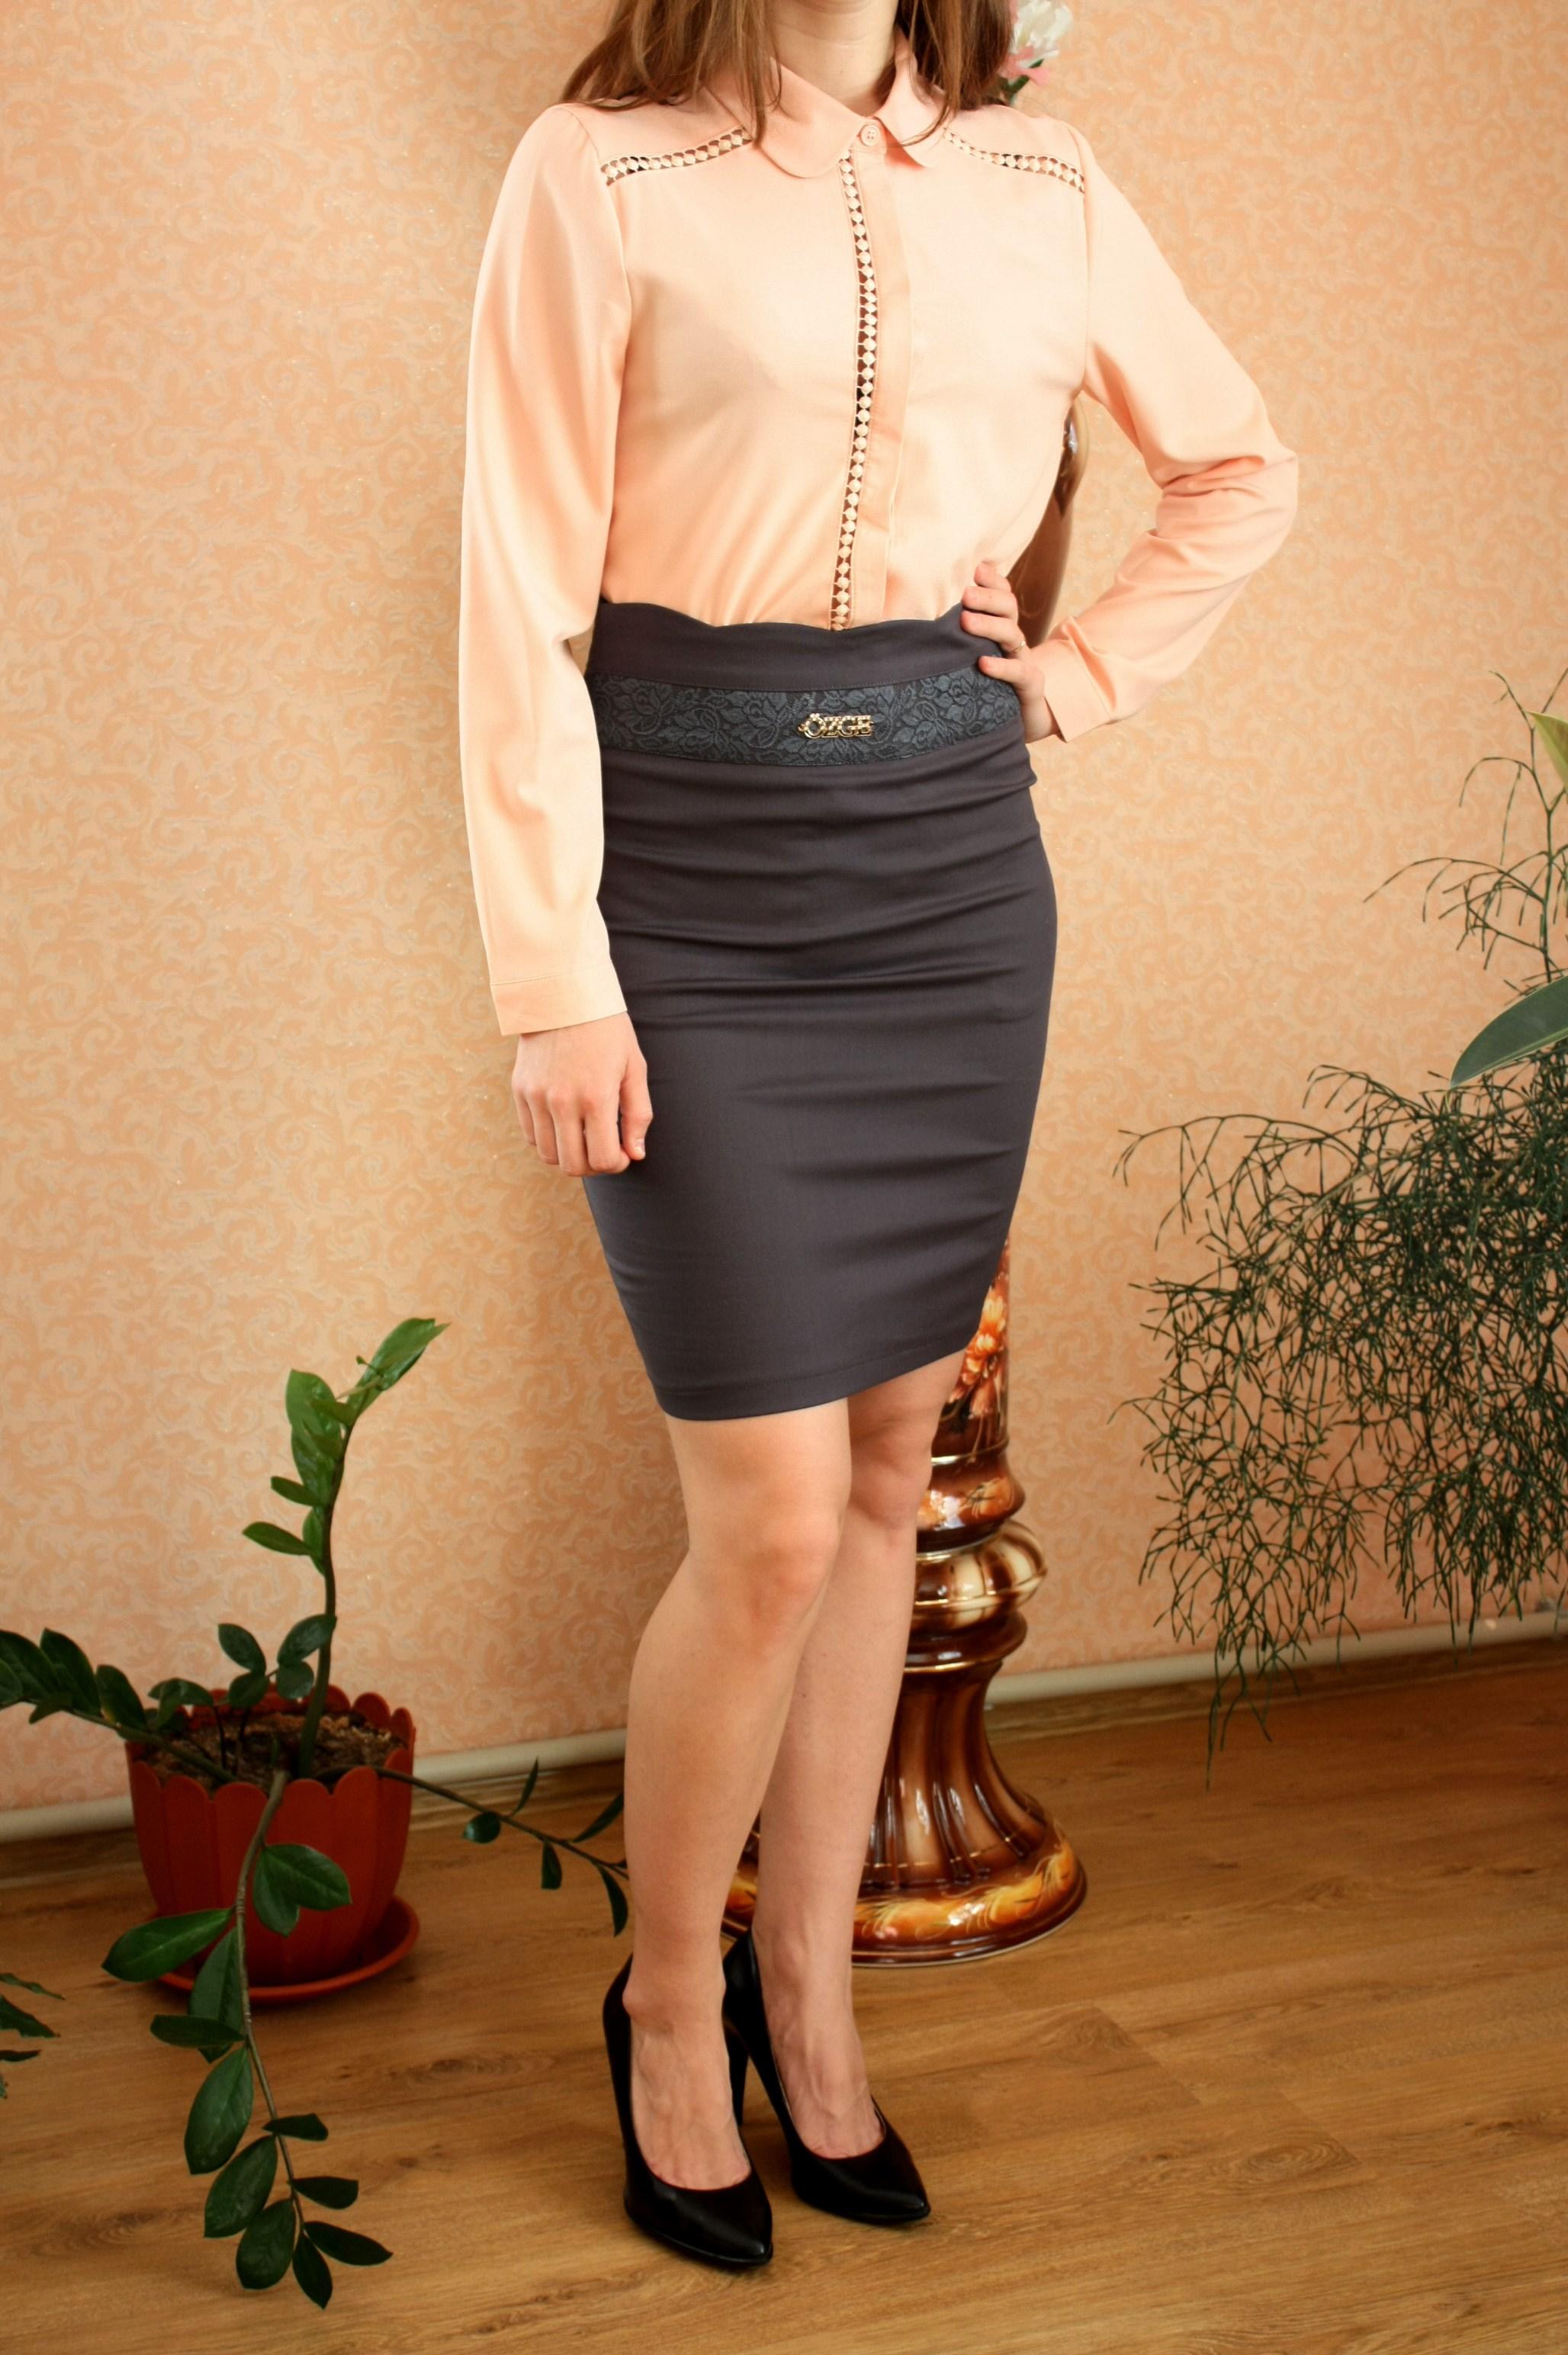 Красивая, удобная и качественная повседневная одежда для всей женской половины! Также распродажа мужской одежды!